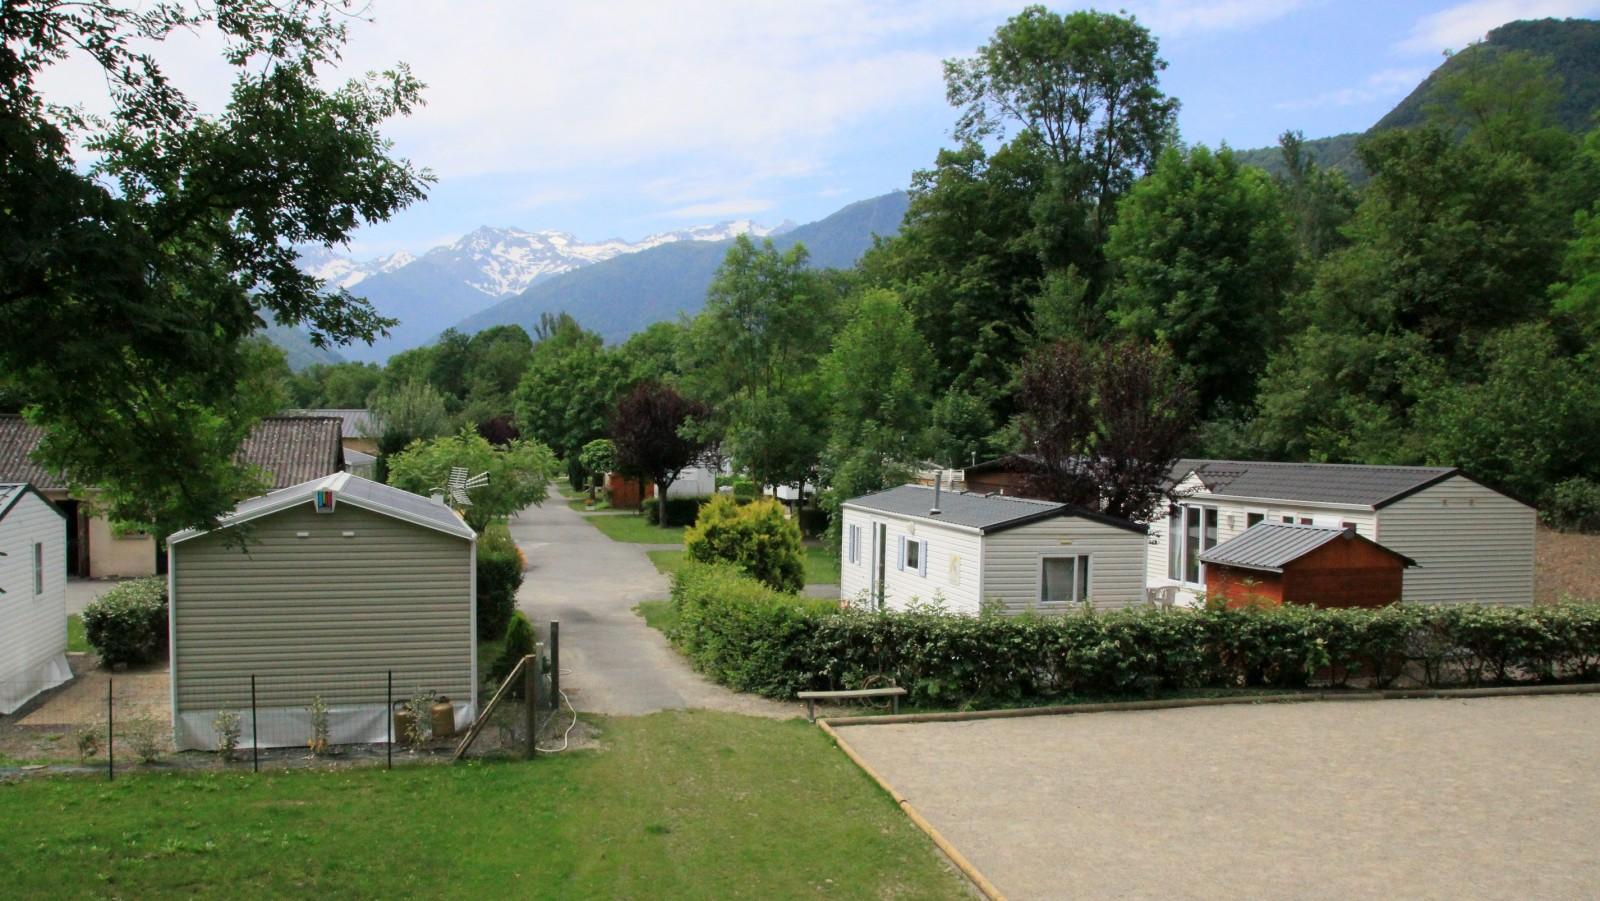 Plan camping Le Pyrénéen